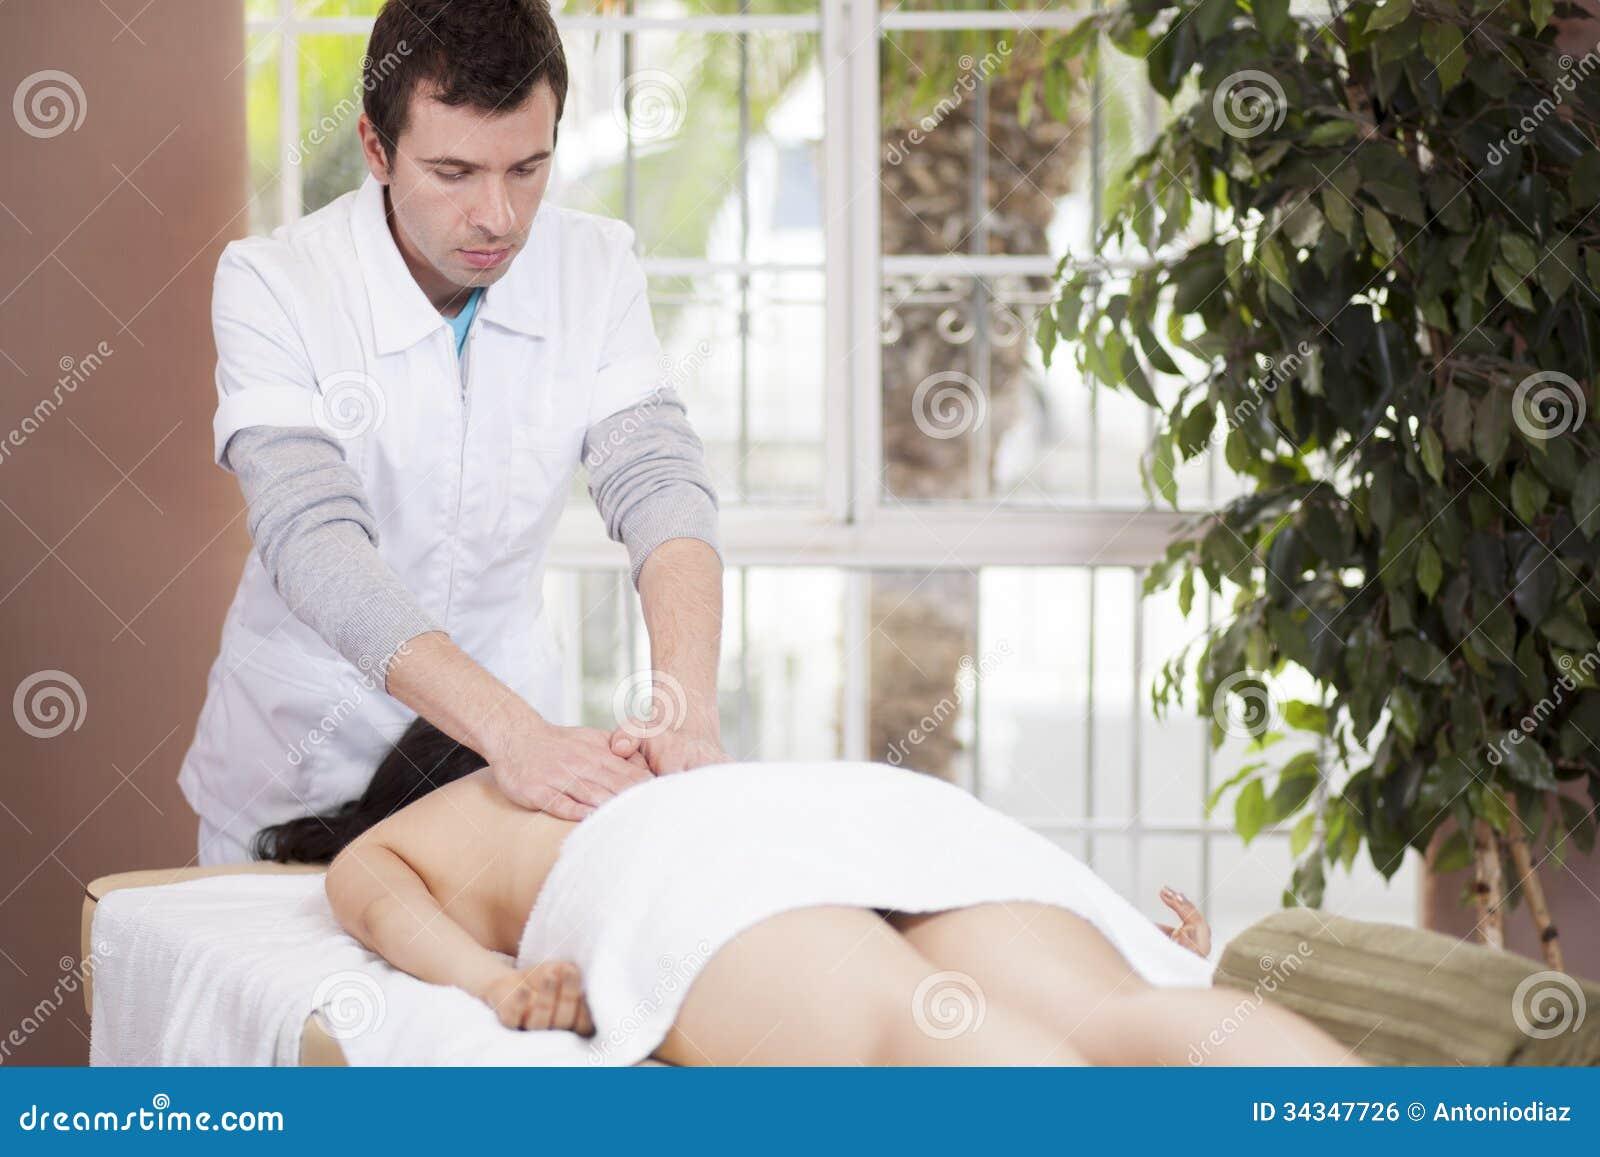 sexy gay massage eb massage og escort